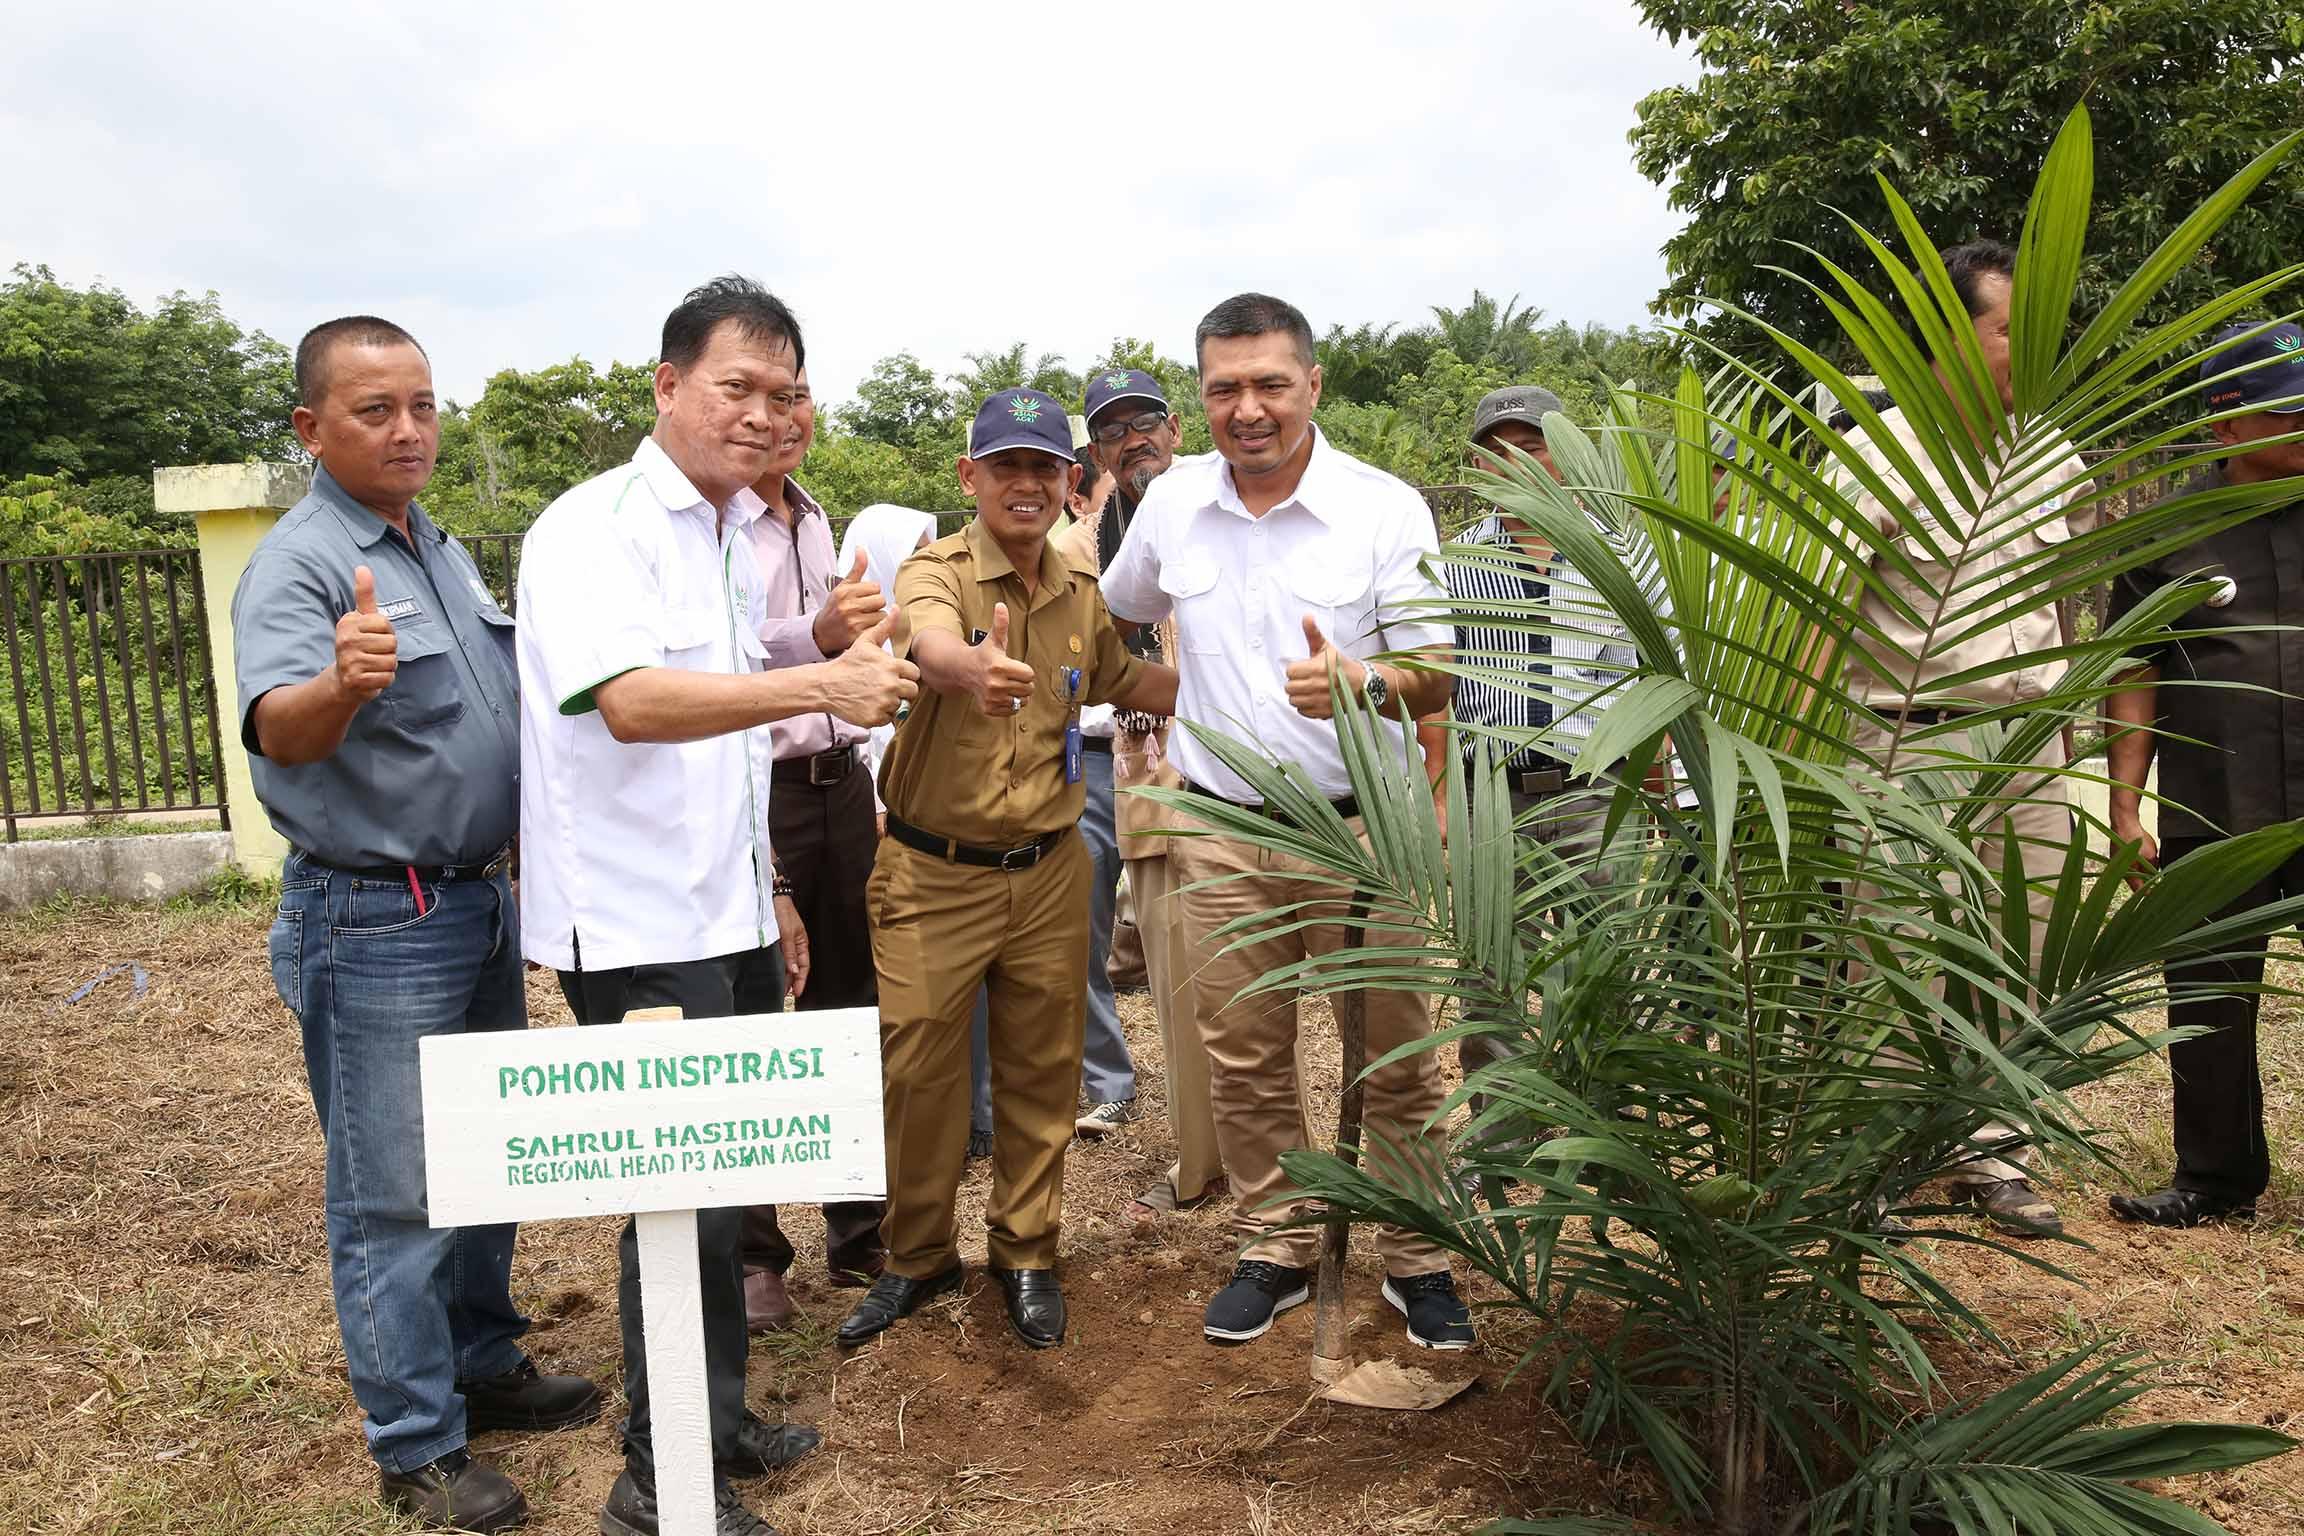 Mr. Rizal, Regional Secretariat of Batanghari District, Jambi, inaugurates the Sekolah Sawit Lestari program, witnessed by Asian Agri Management